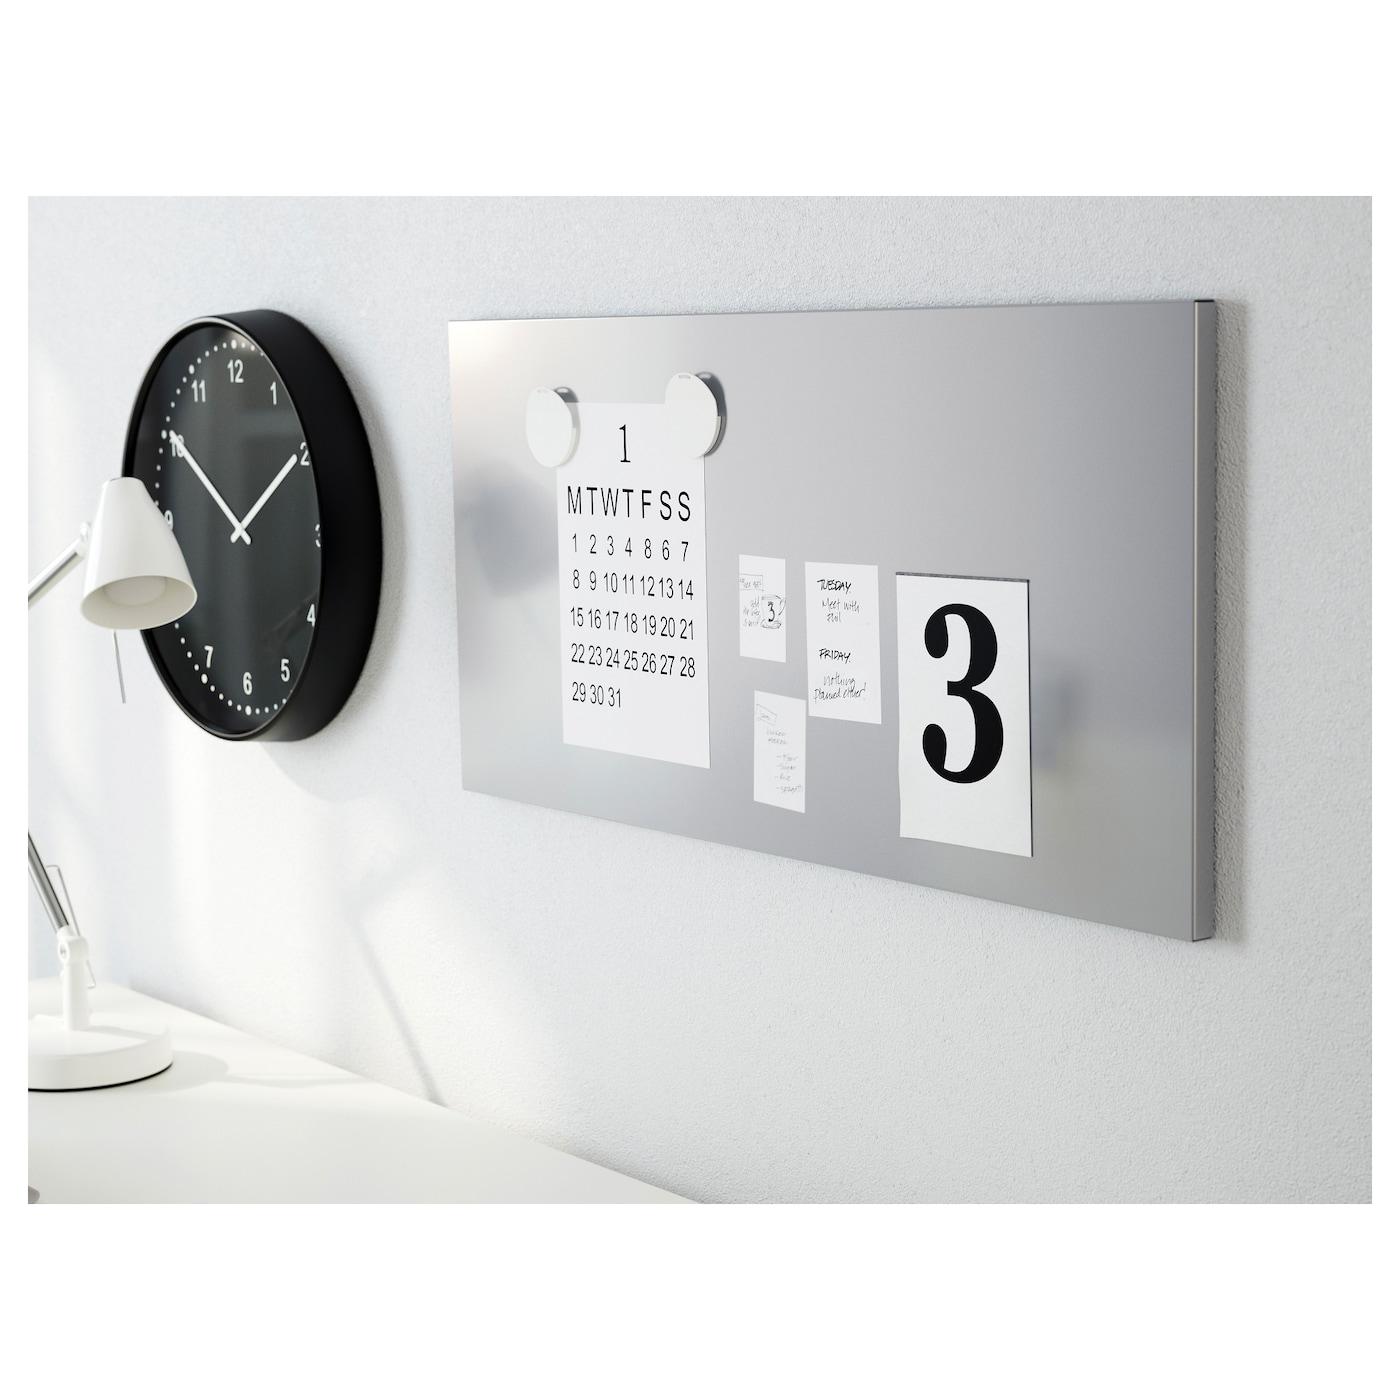 spontan tableau magn tique couleur argent 37x78 cm ikea. Black Bedroom Furniture Sets. Home Design Ideas